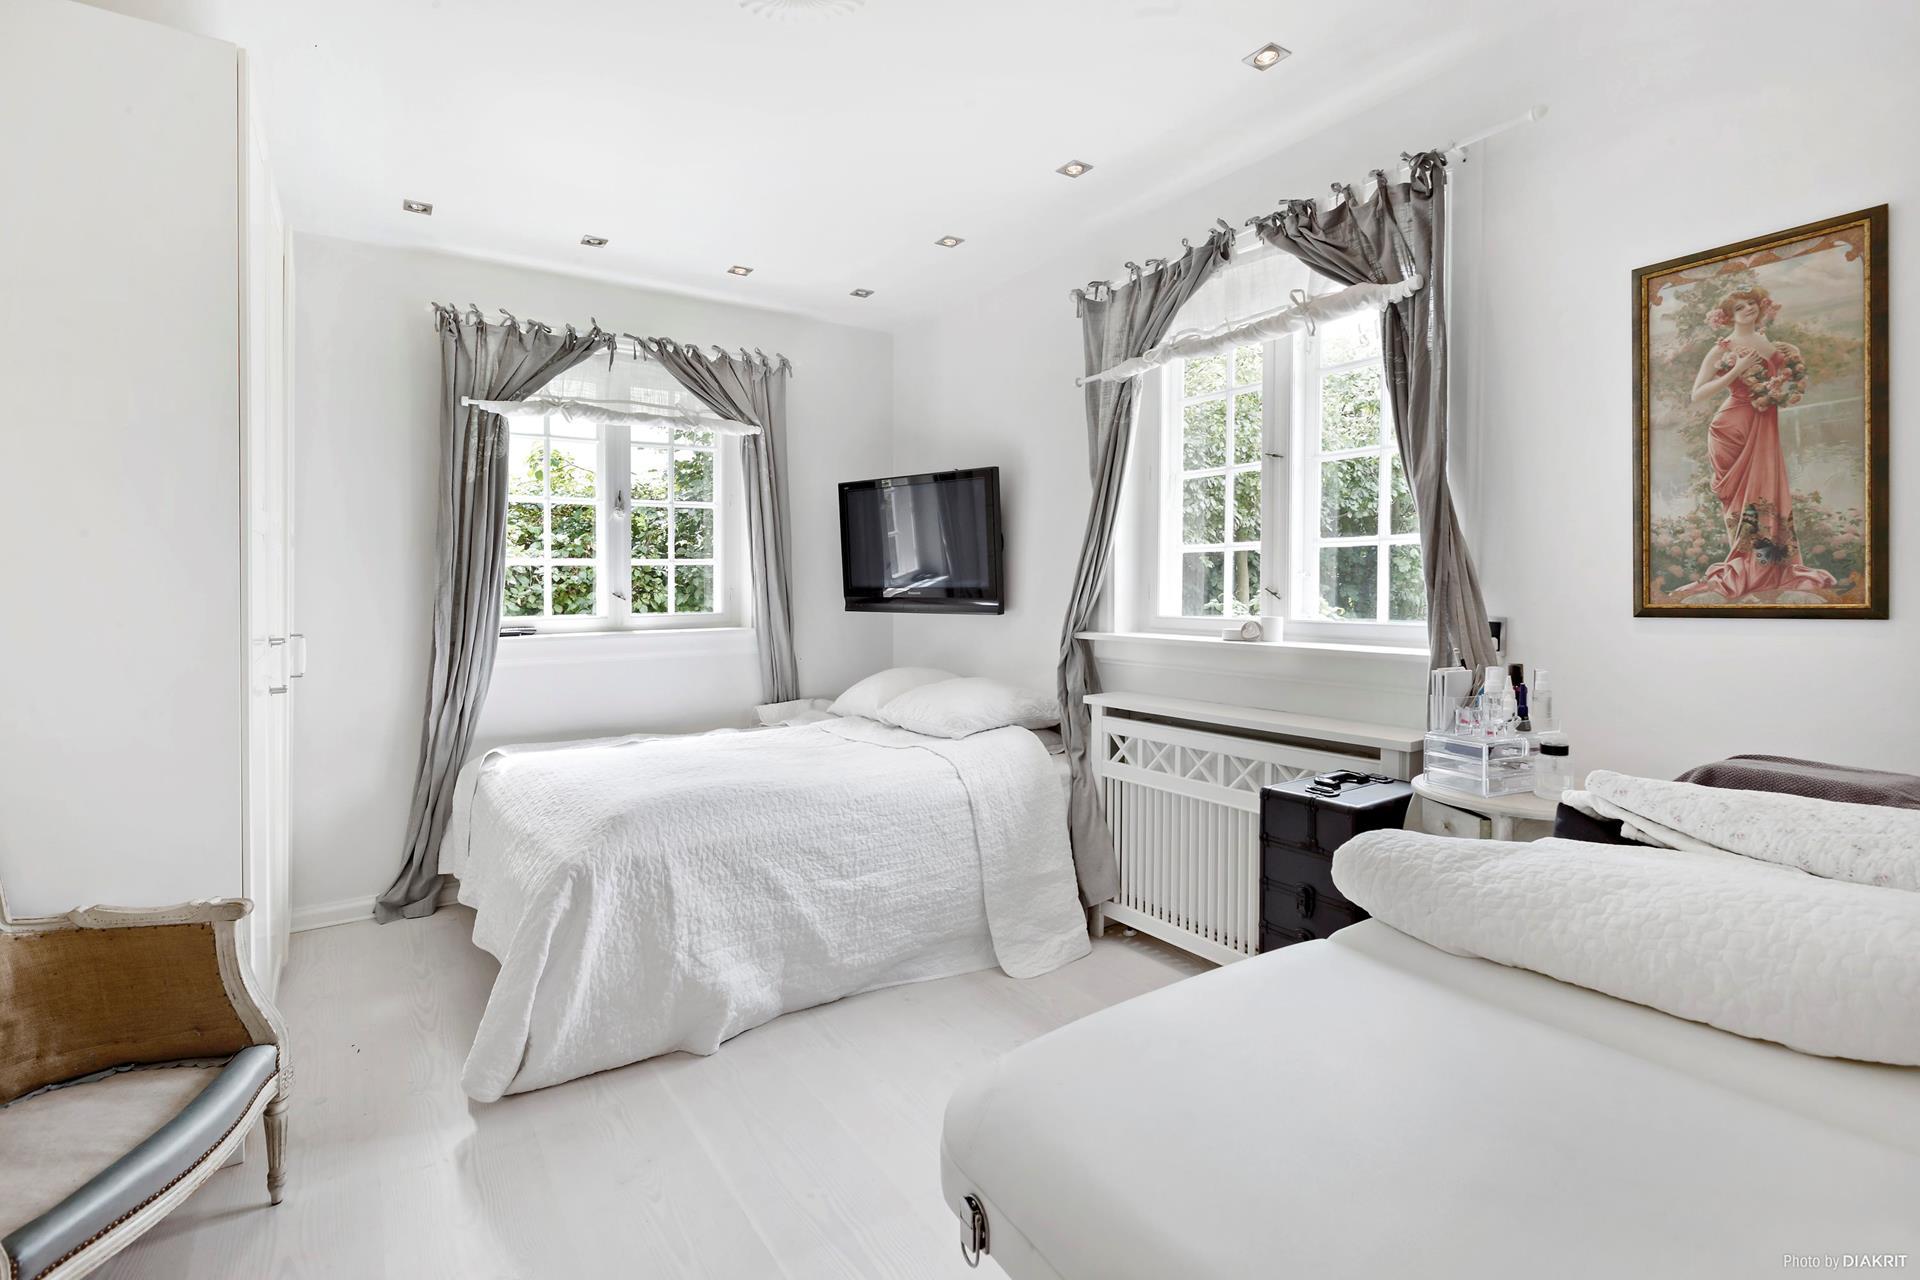 спальня кровати окно шторы телевизор эсмеситель радиатора